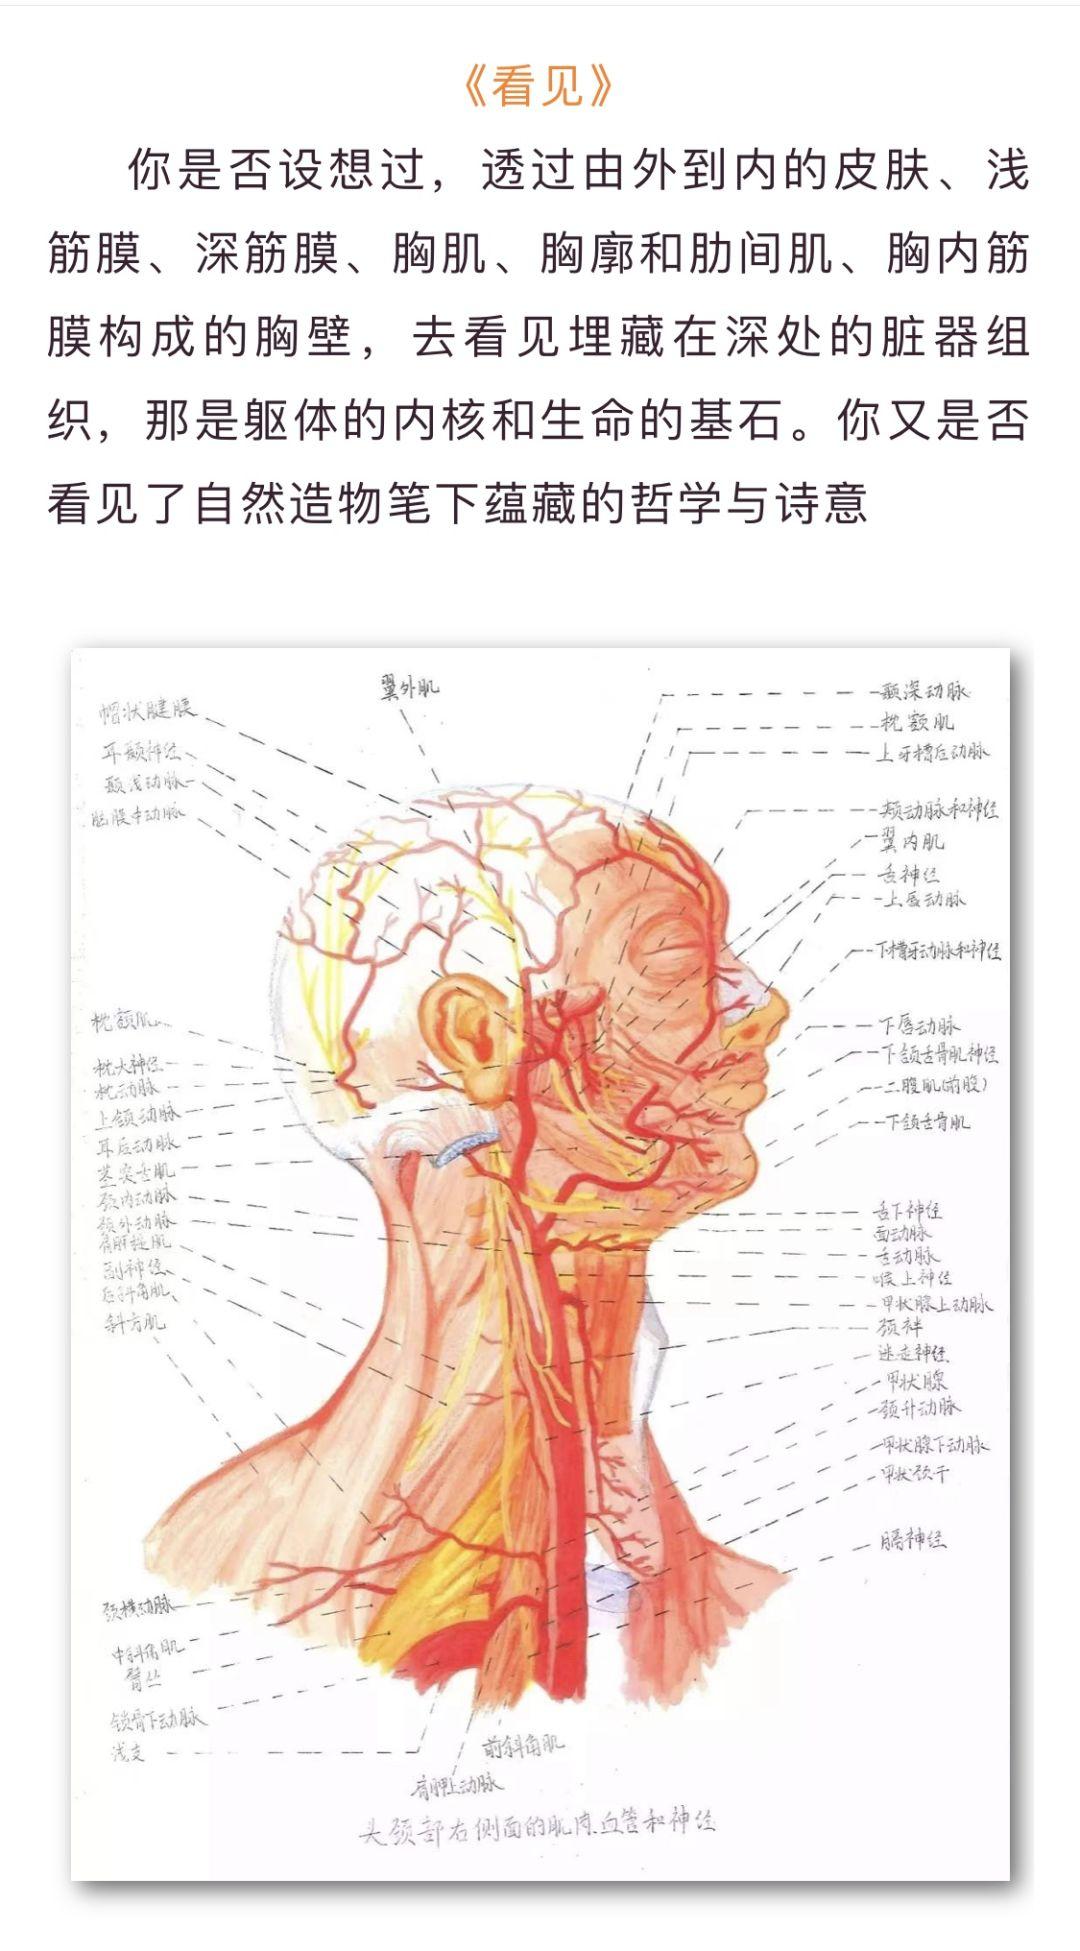 医学生人体解剖素描走红,网友 一群被 耽误 的灵魂画手